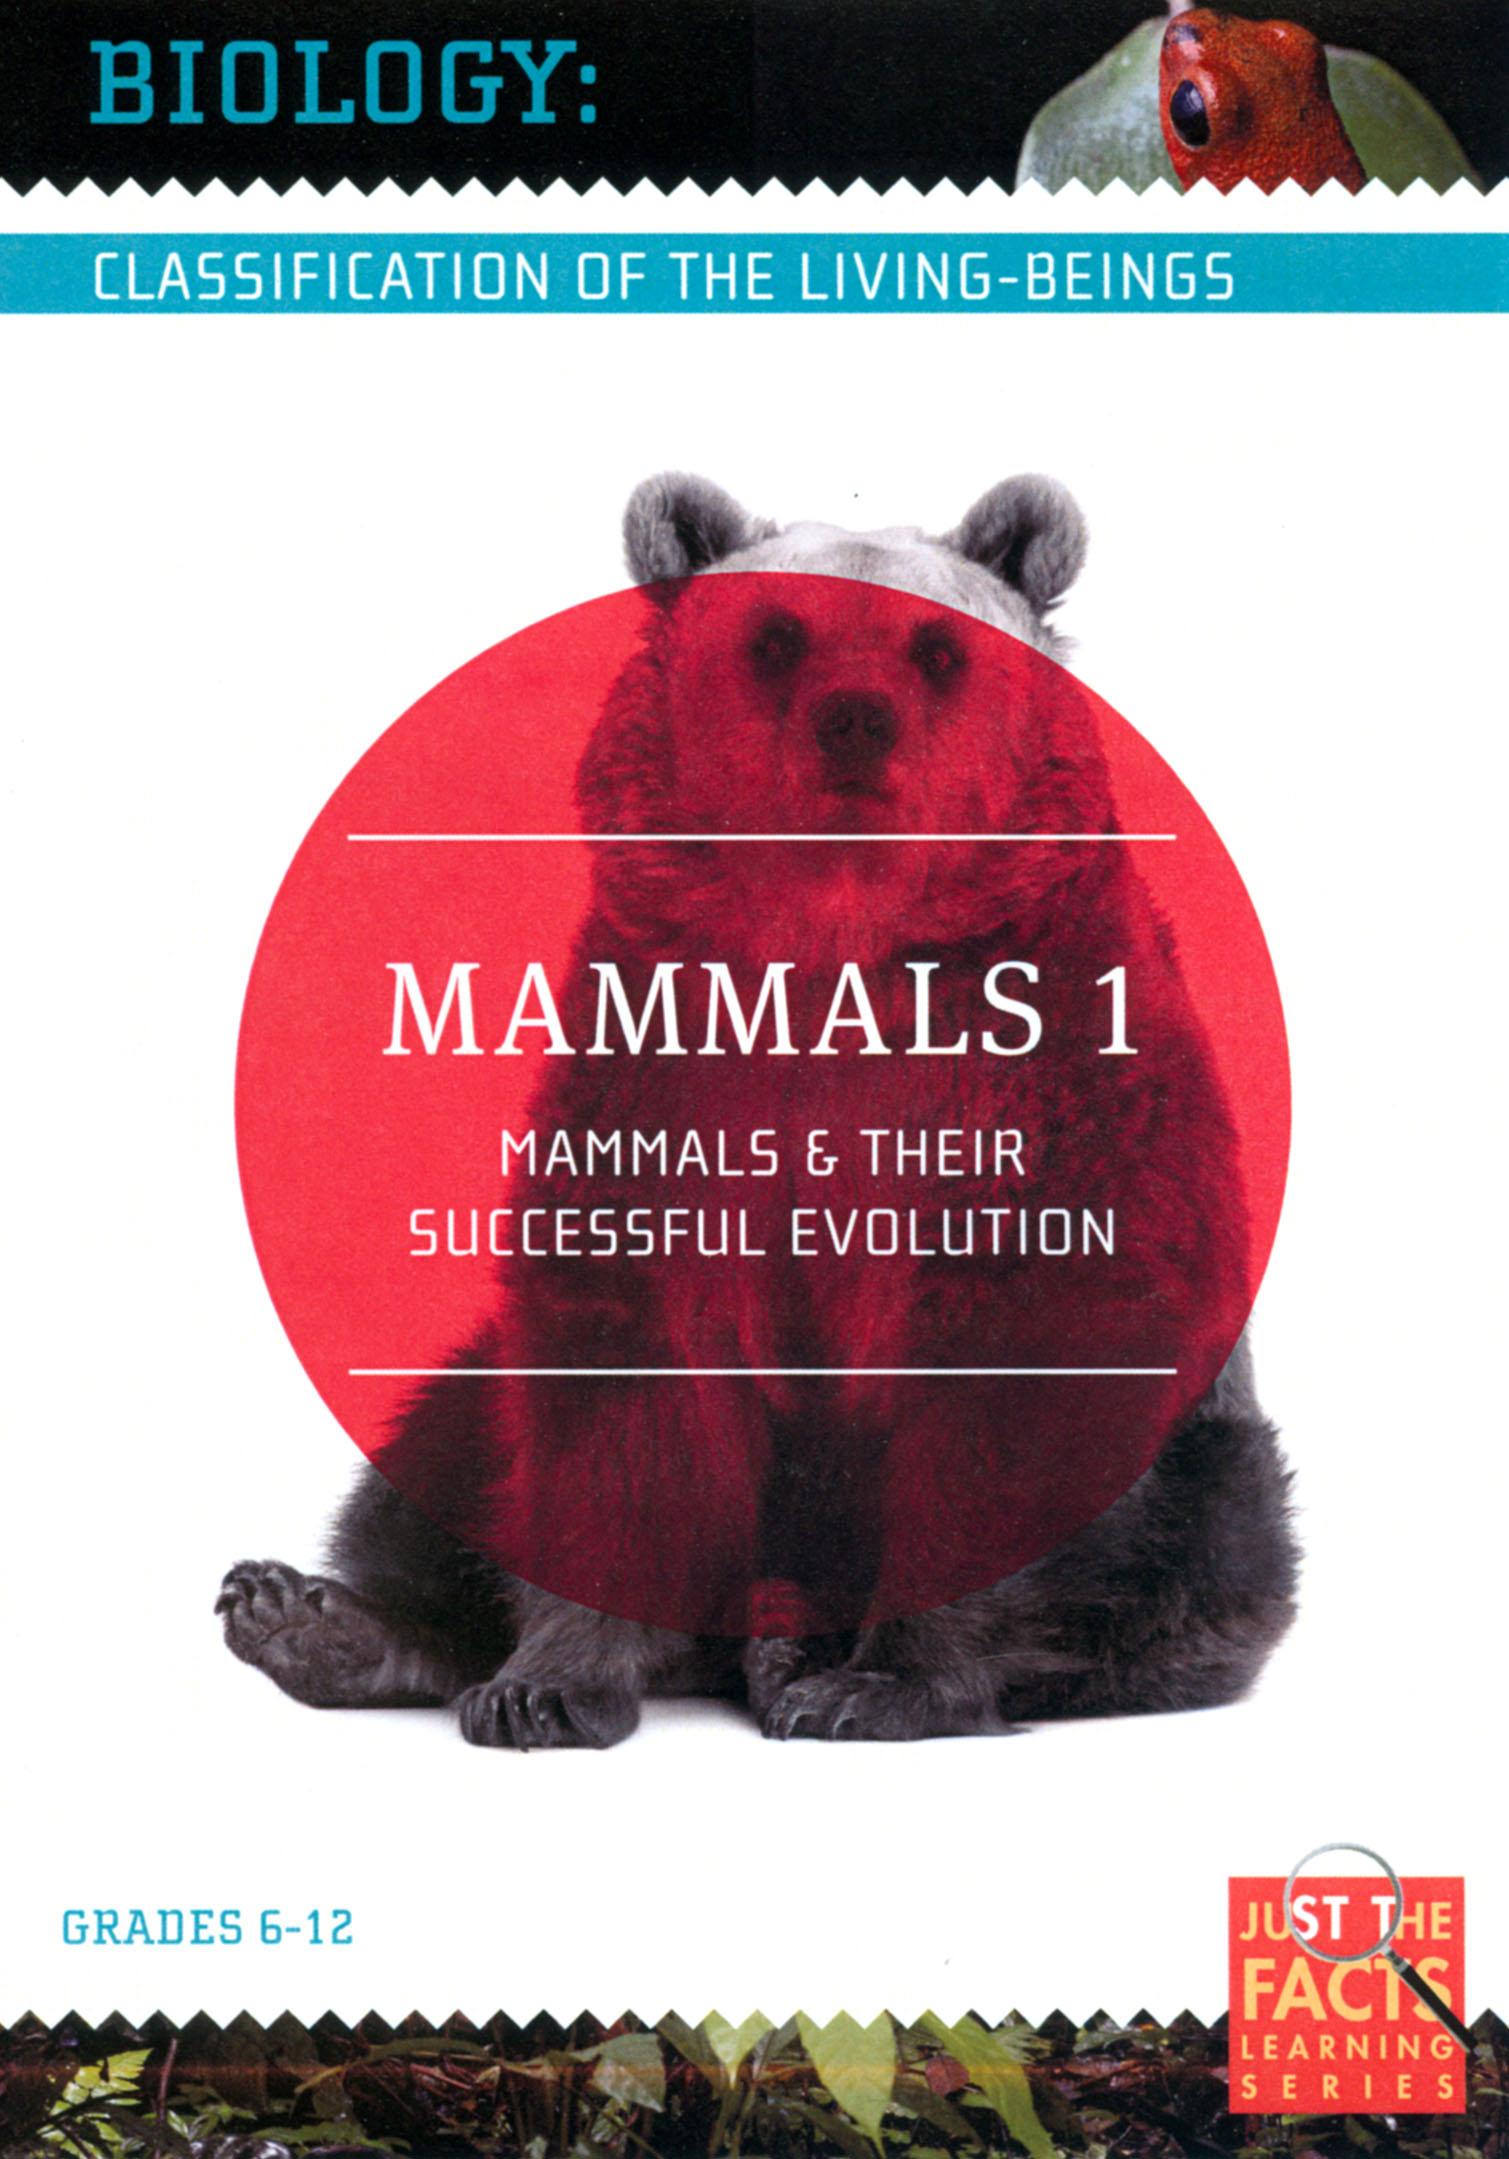 Biology Classification: Mammals, Vol. 1